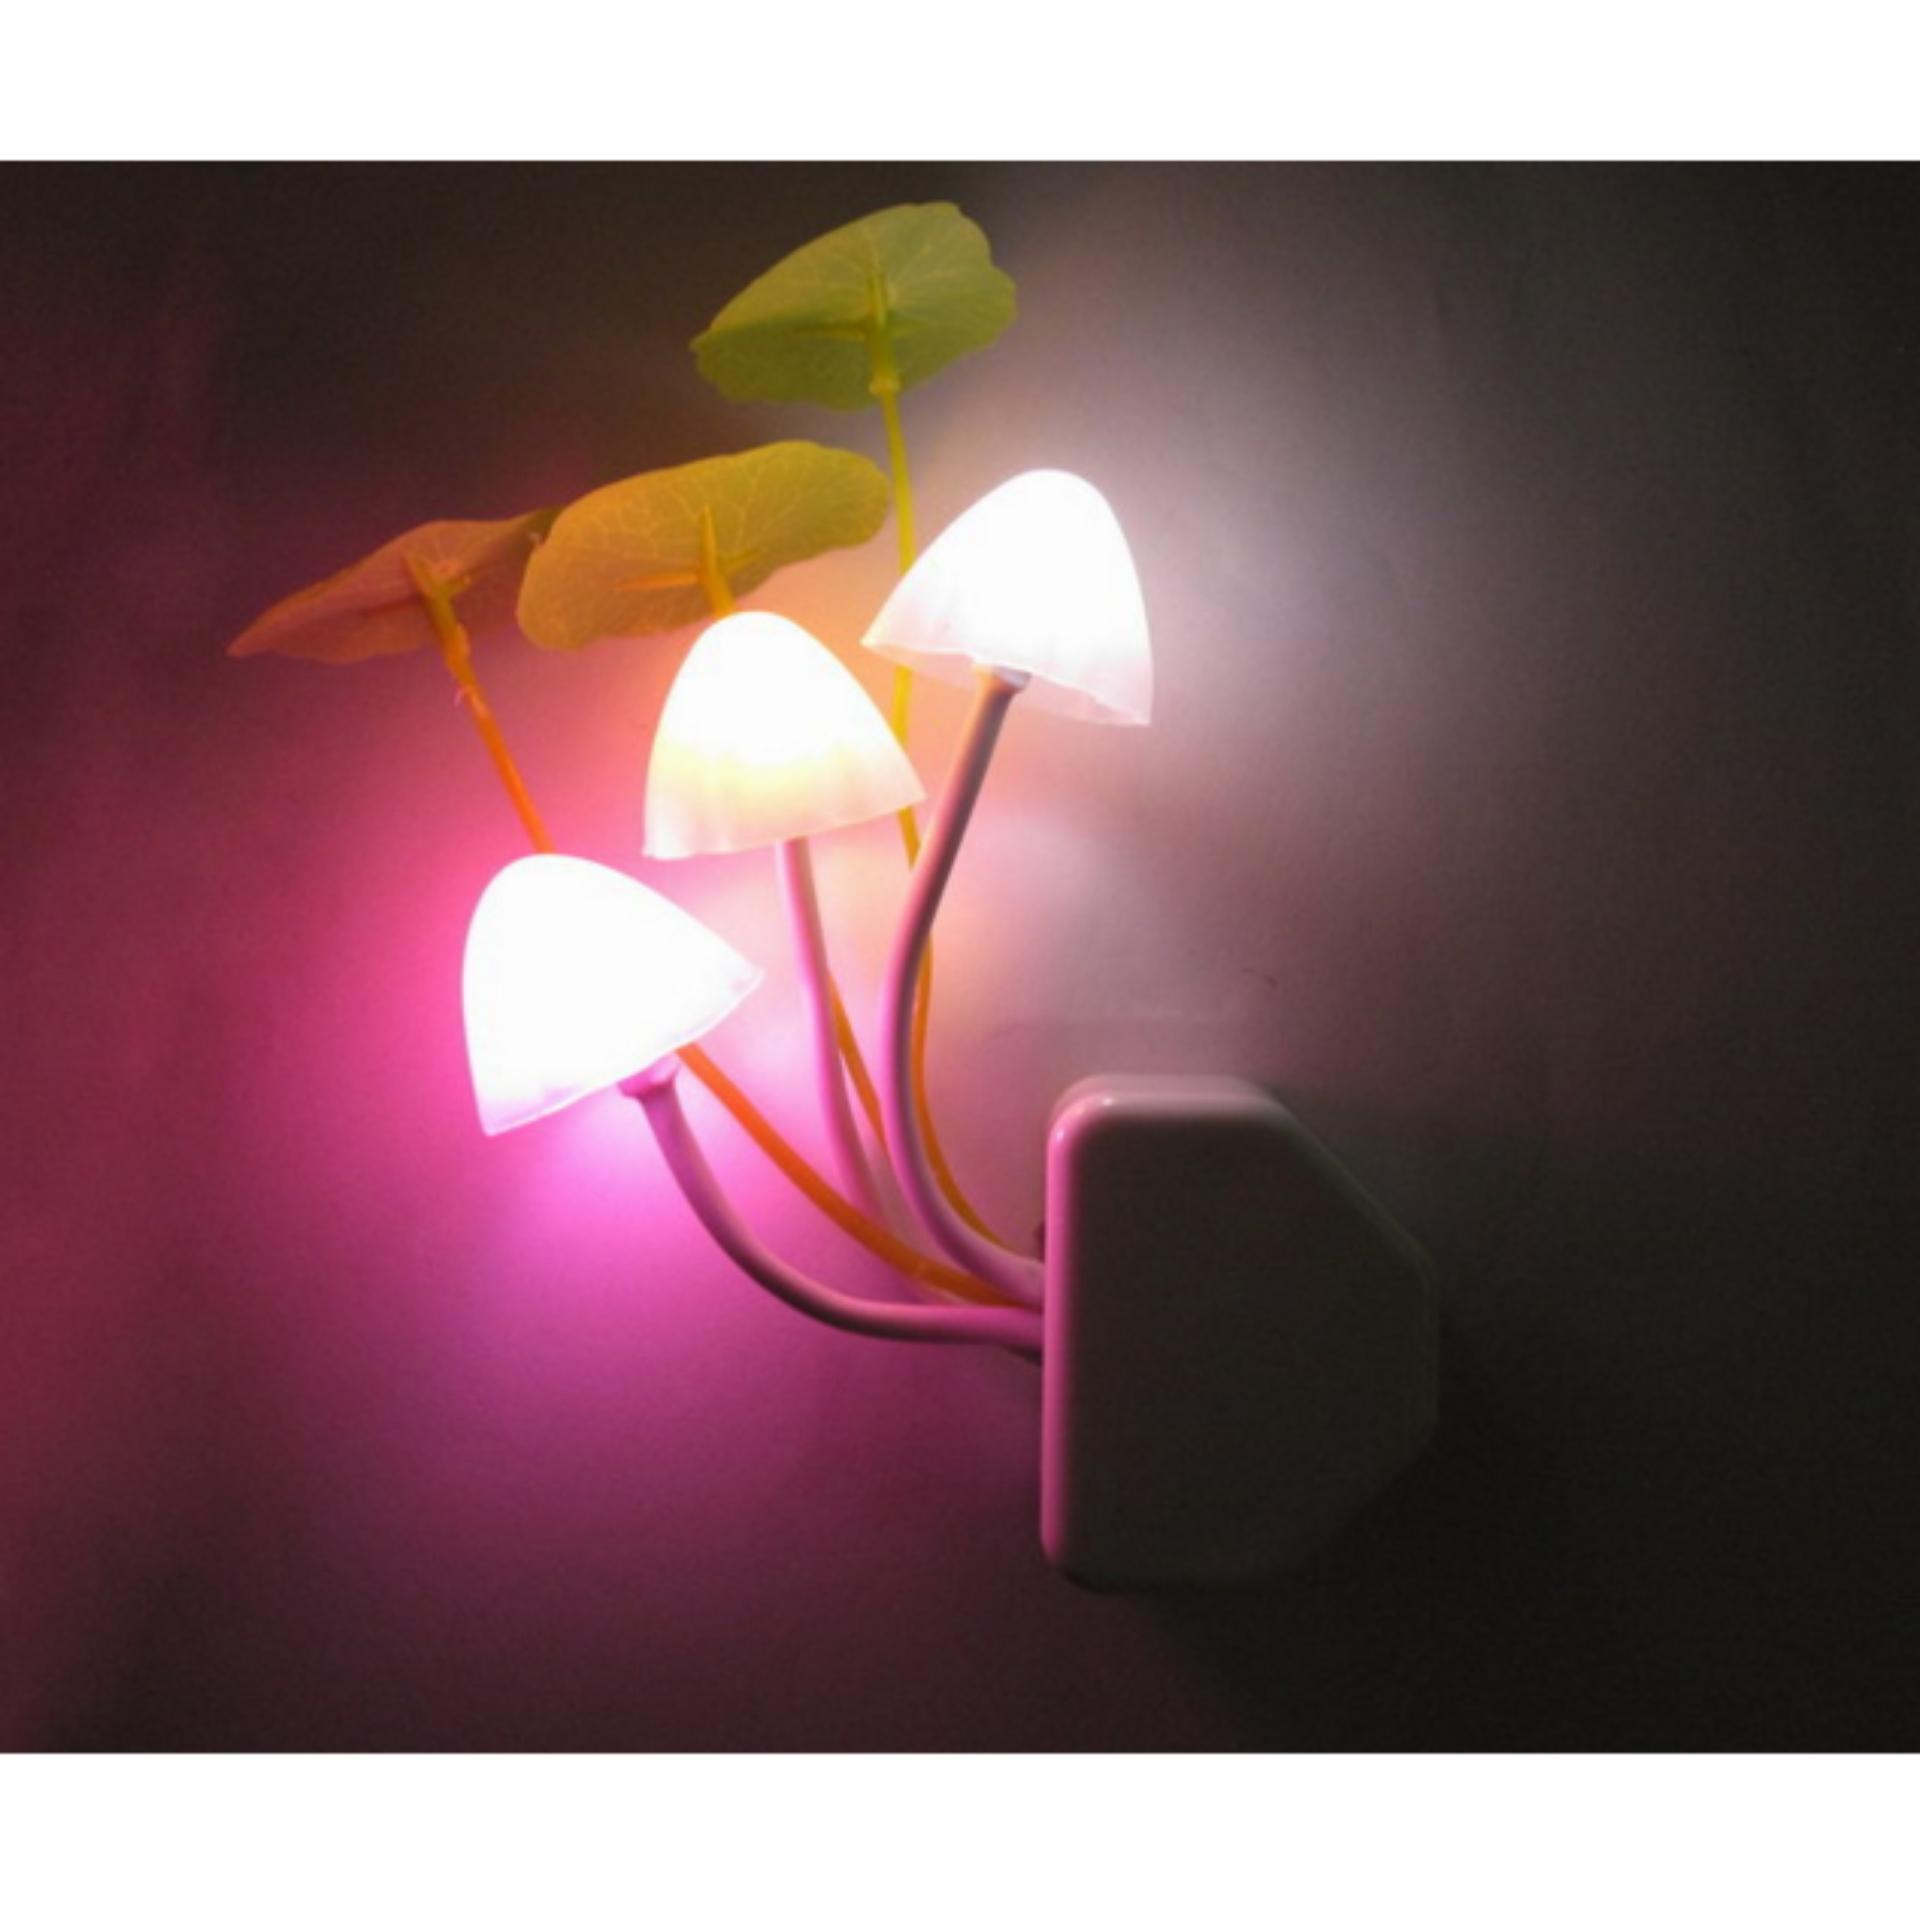 Pencarian Termurah Lampu tidur malam berbentuk jamur Mushroom night light harga penawaran - Hanya Rp36.